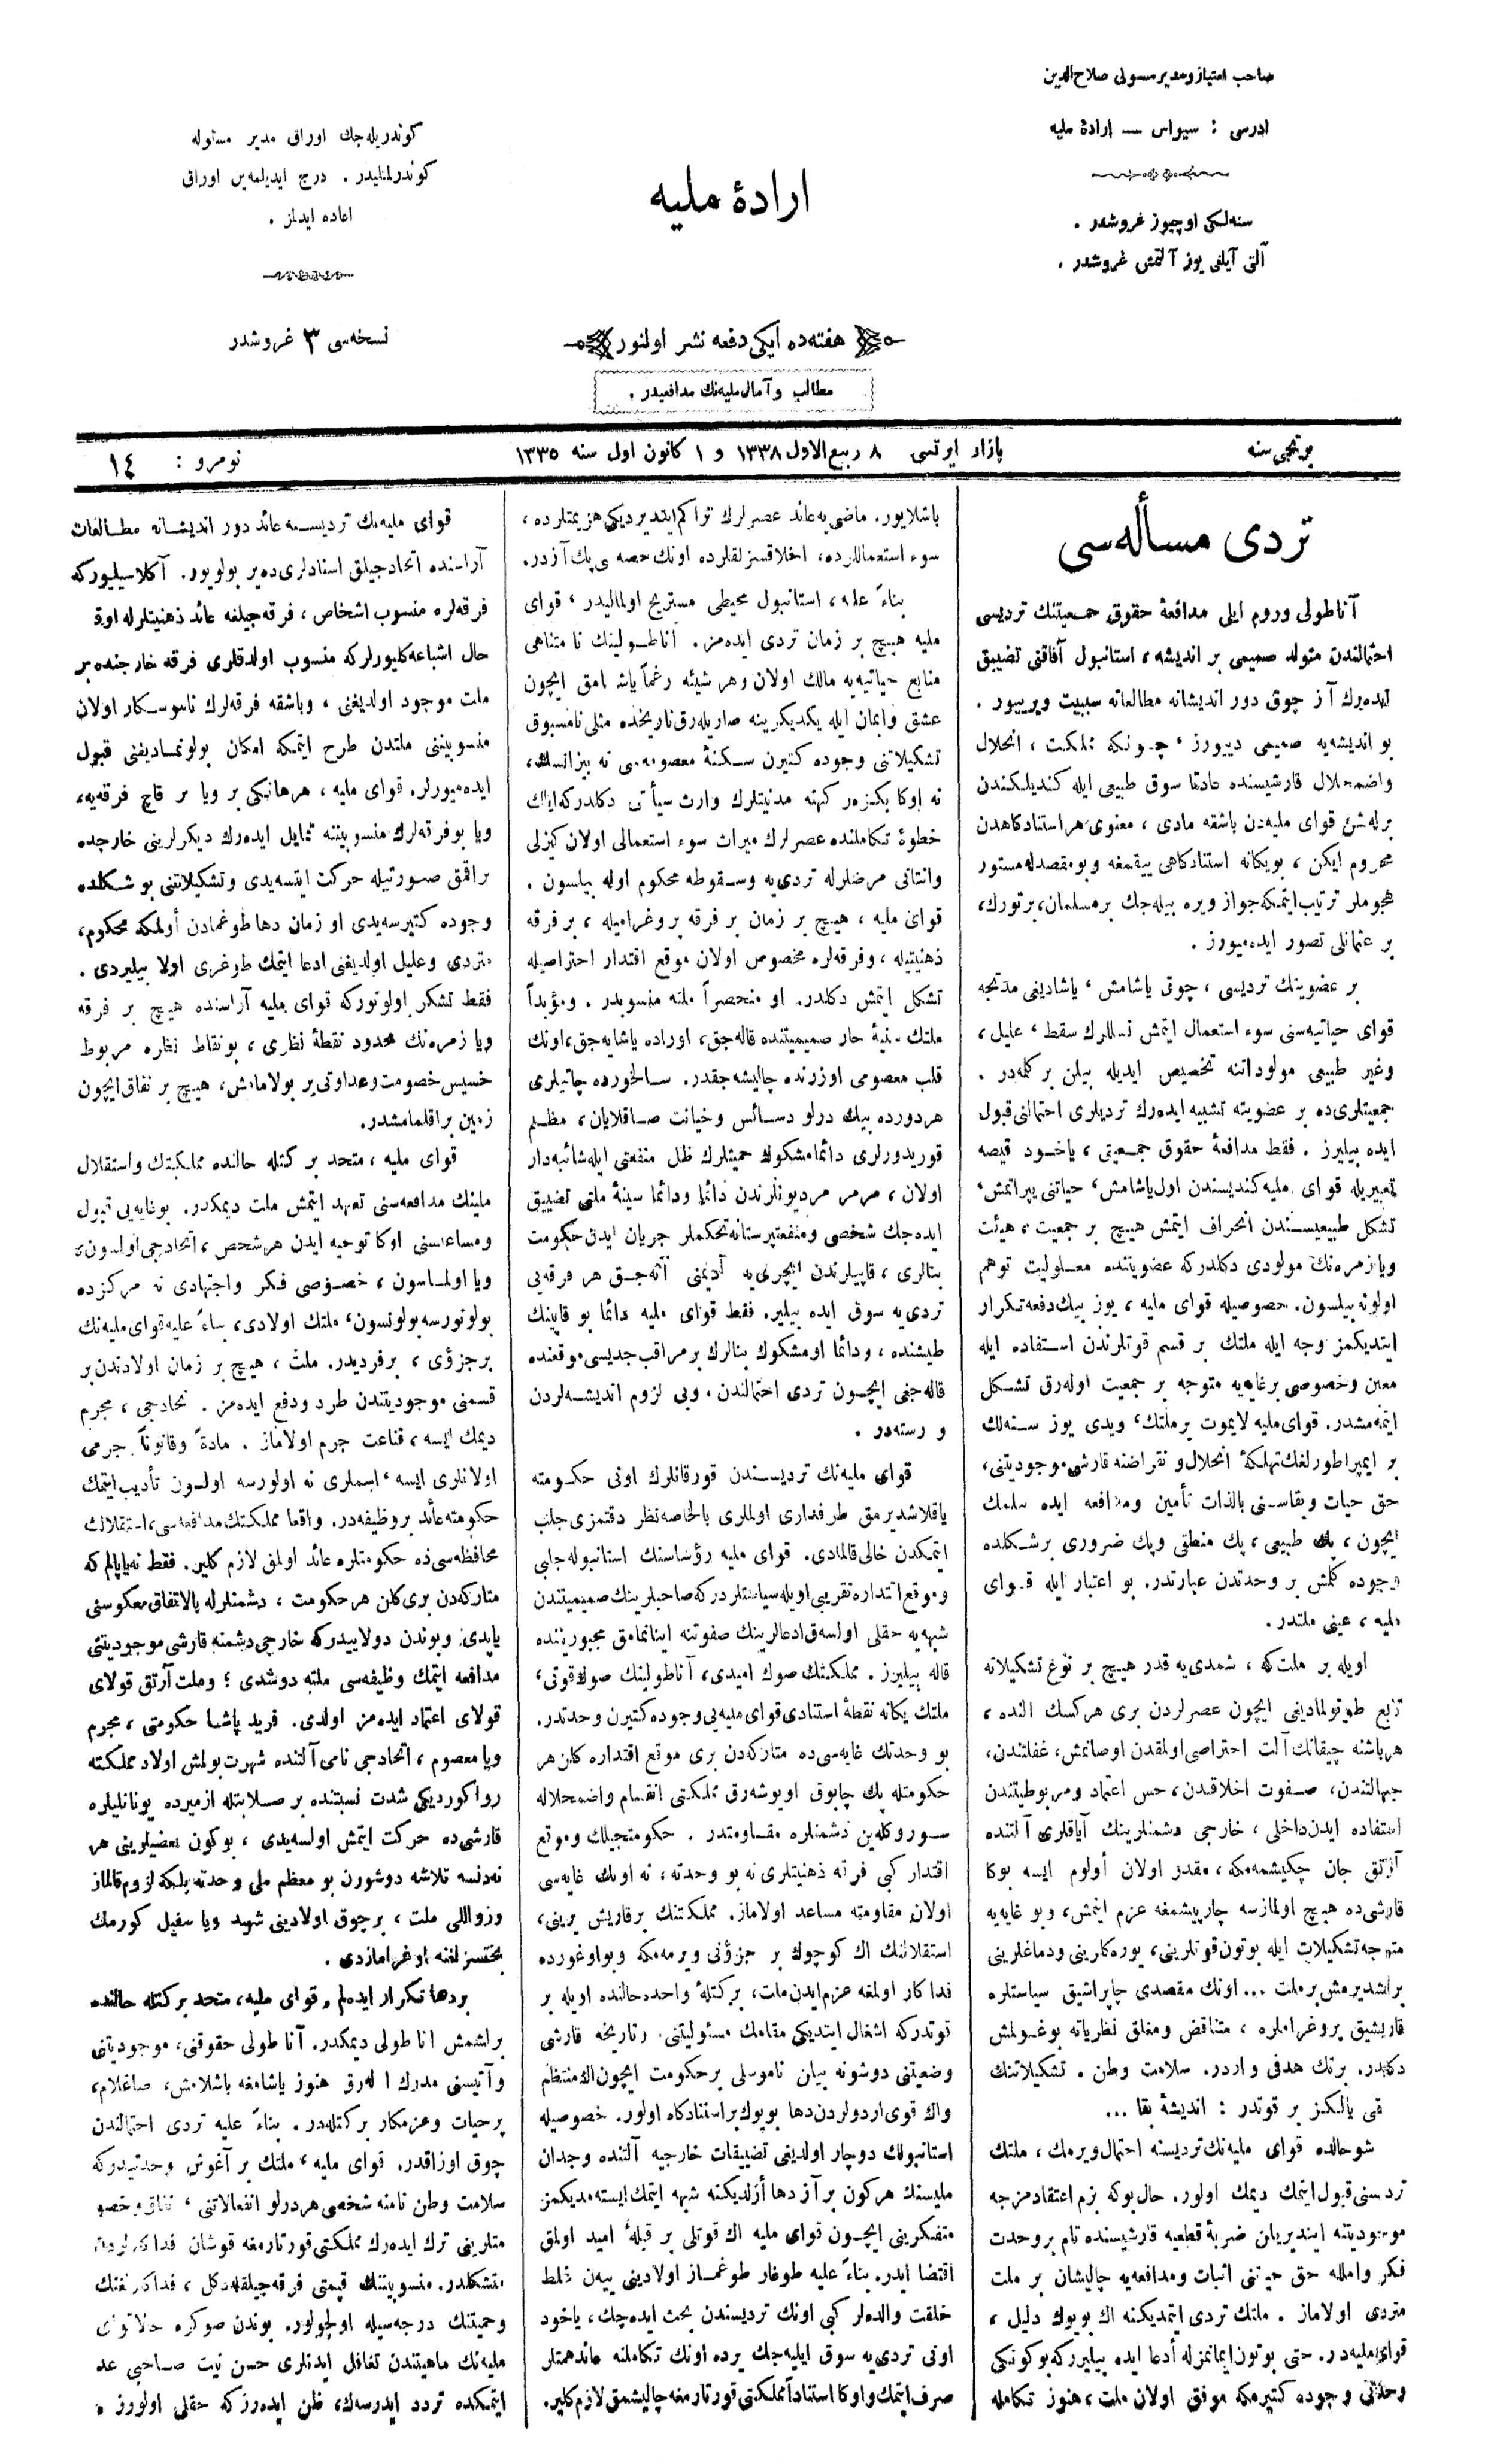 1 Aralık 1919 Tarihli İrade-i Milliye (Sivas) Gazetesi Sayfa 1